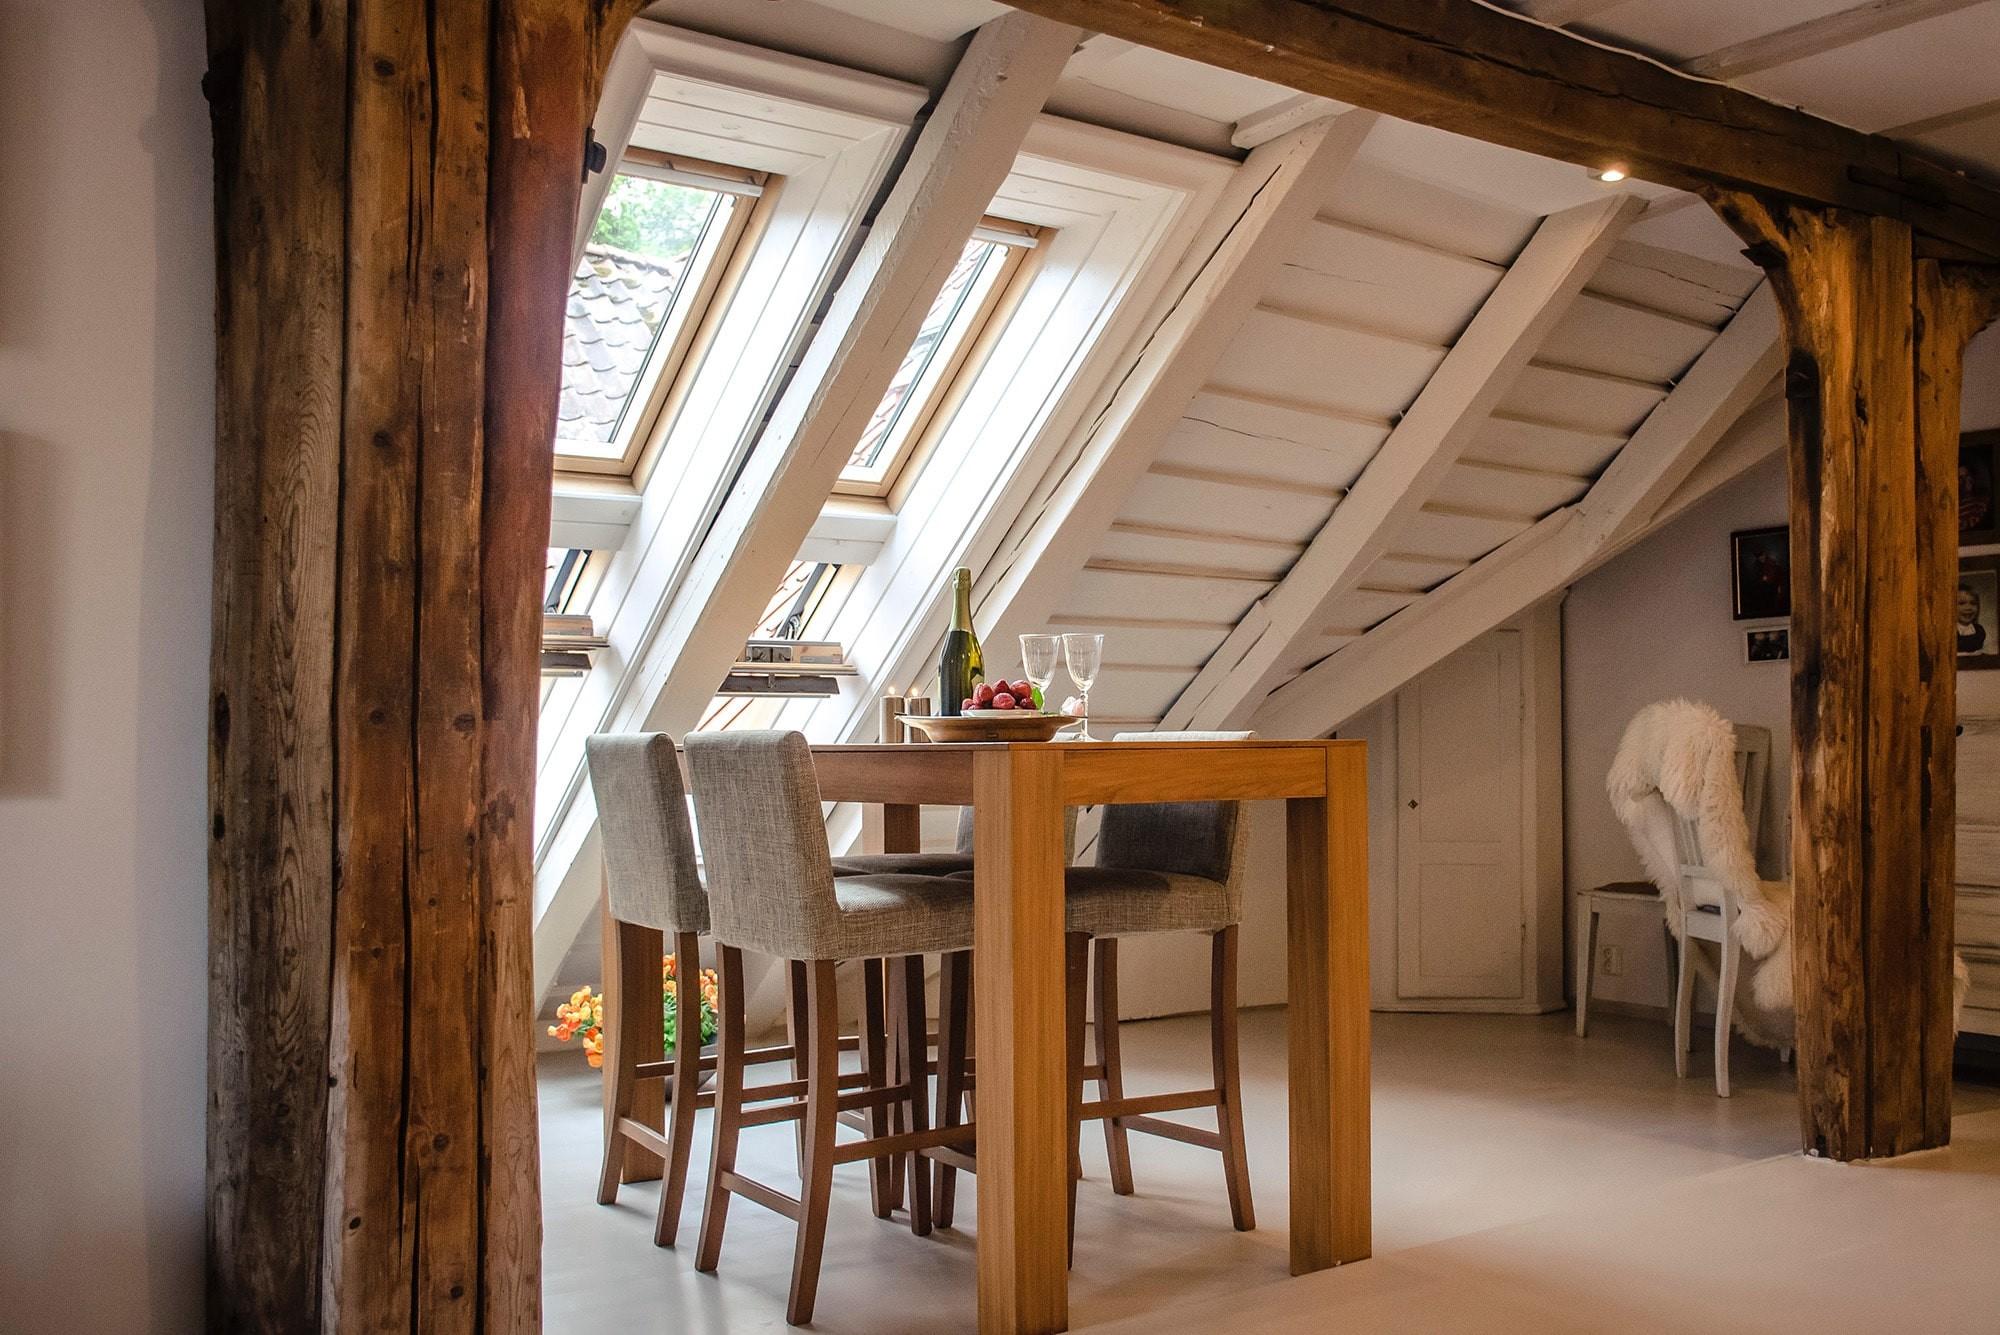 Décoration bois : personnaliser sa maison avec du bois